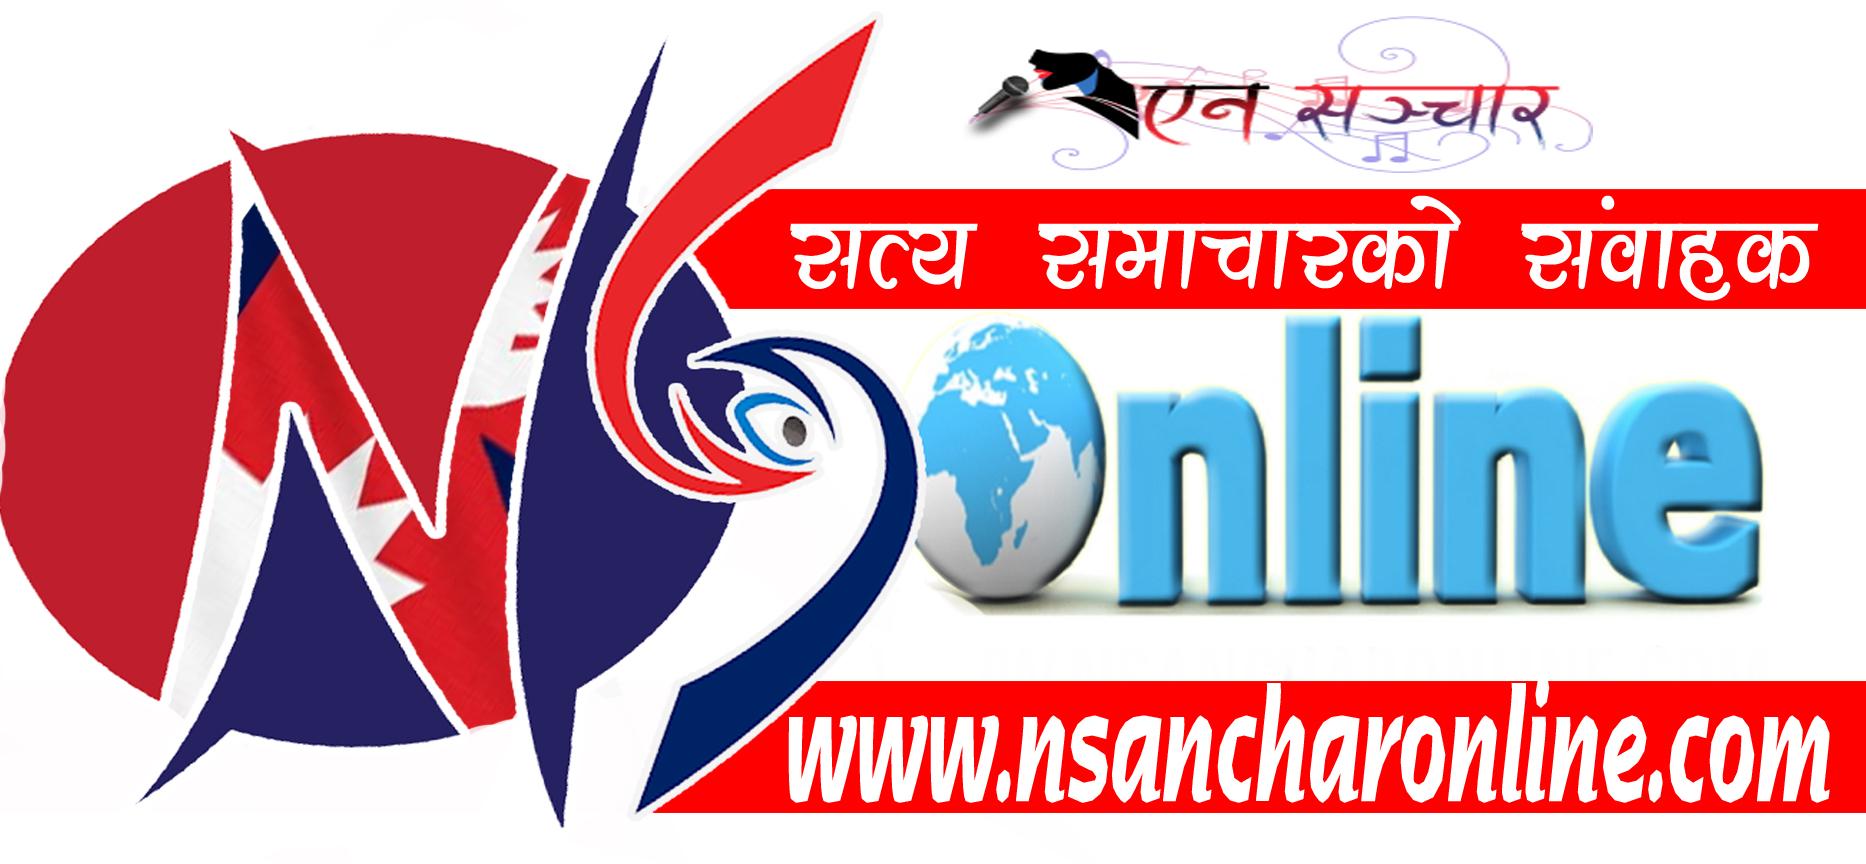 एनसञ्चार अनलाइन || Nsanchar Online